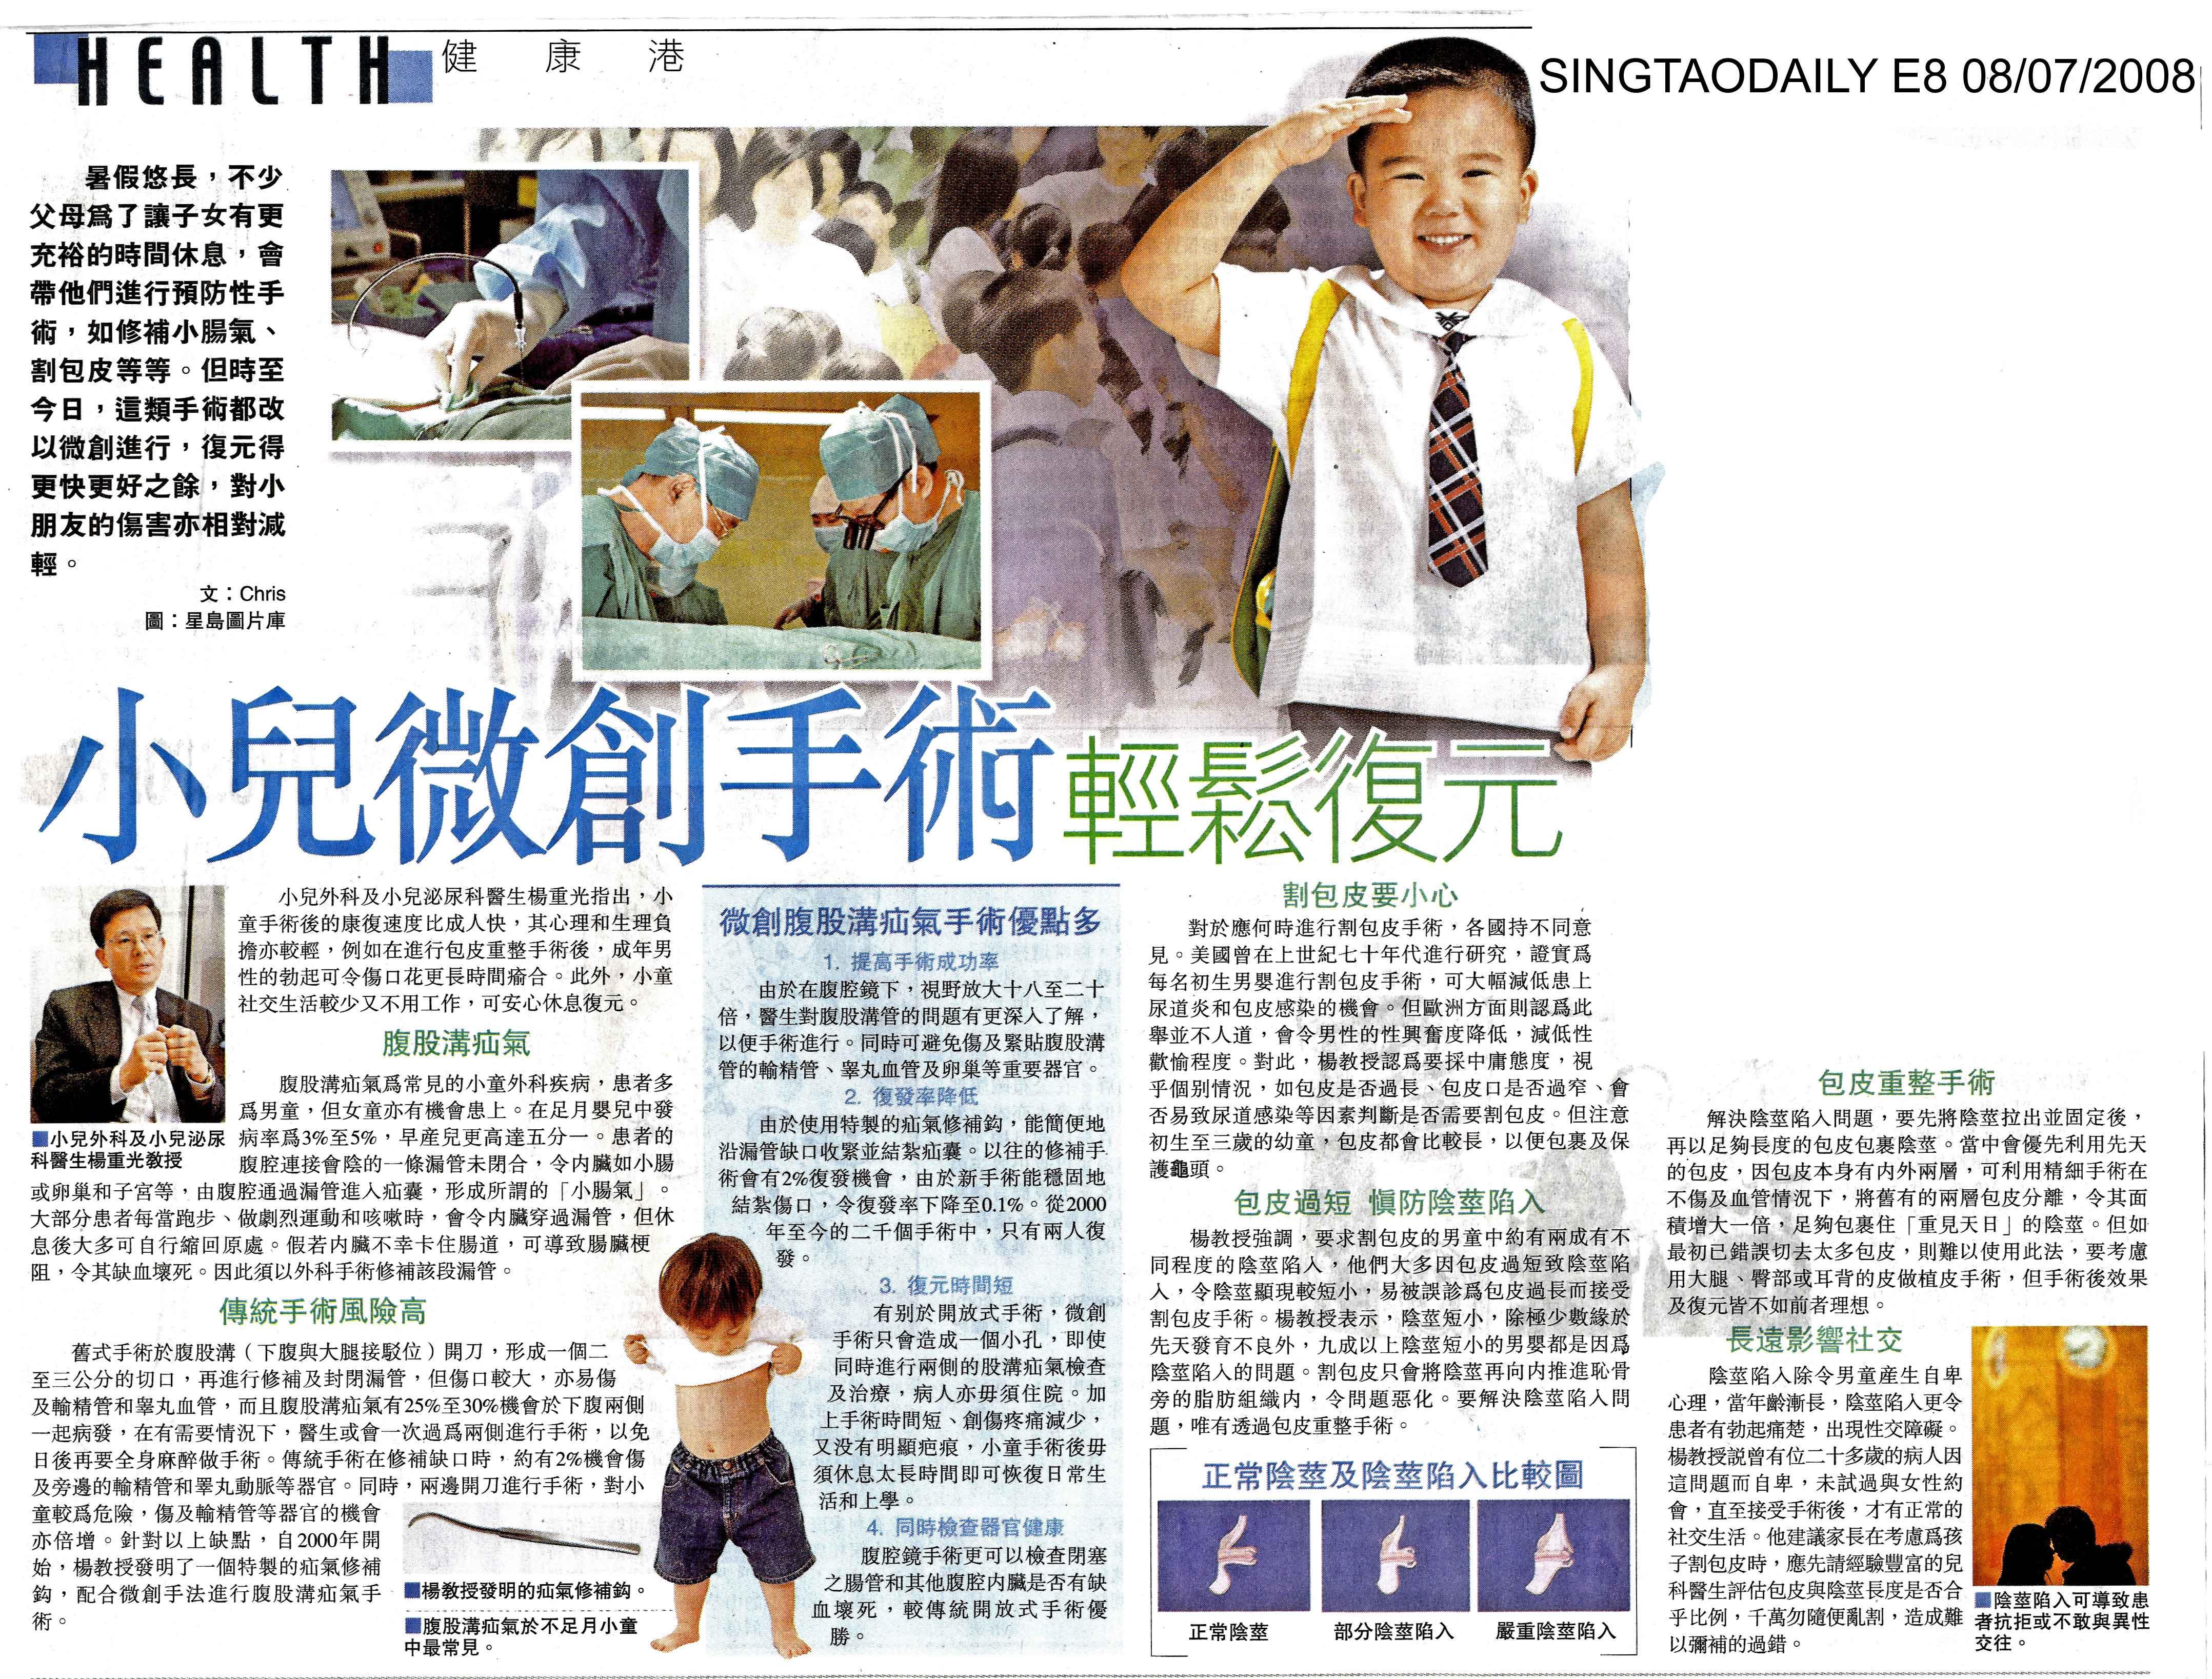 https://pedderclinic.hk/wp-content/uploads/he-ck-yeung-02.jpg